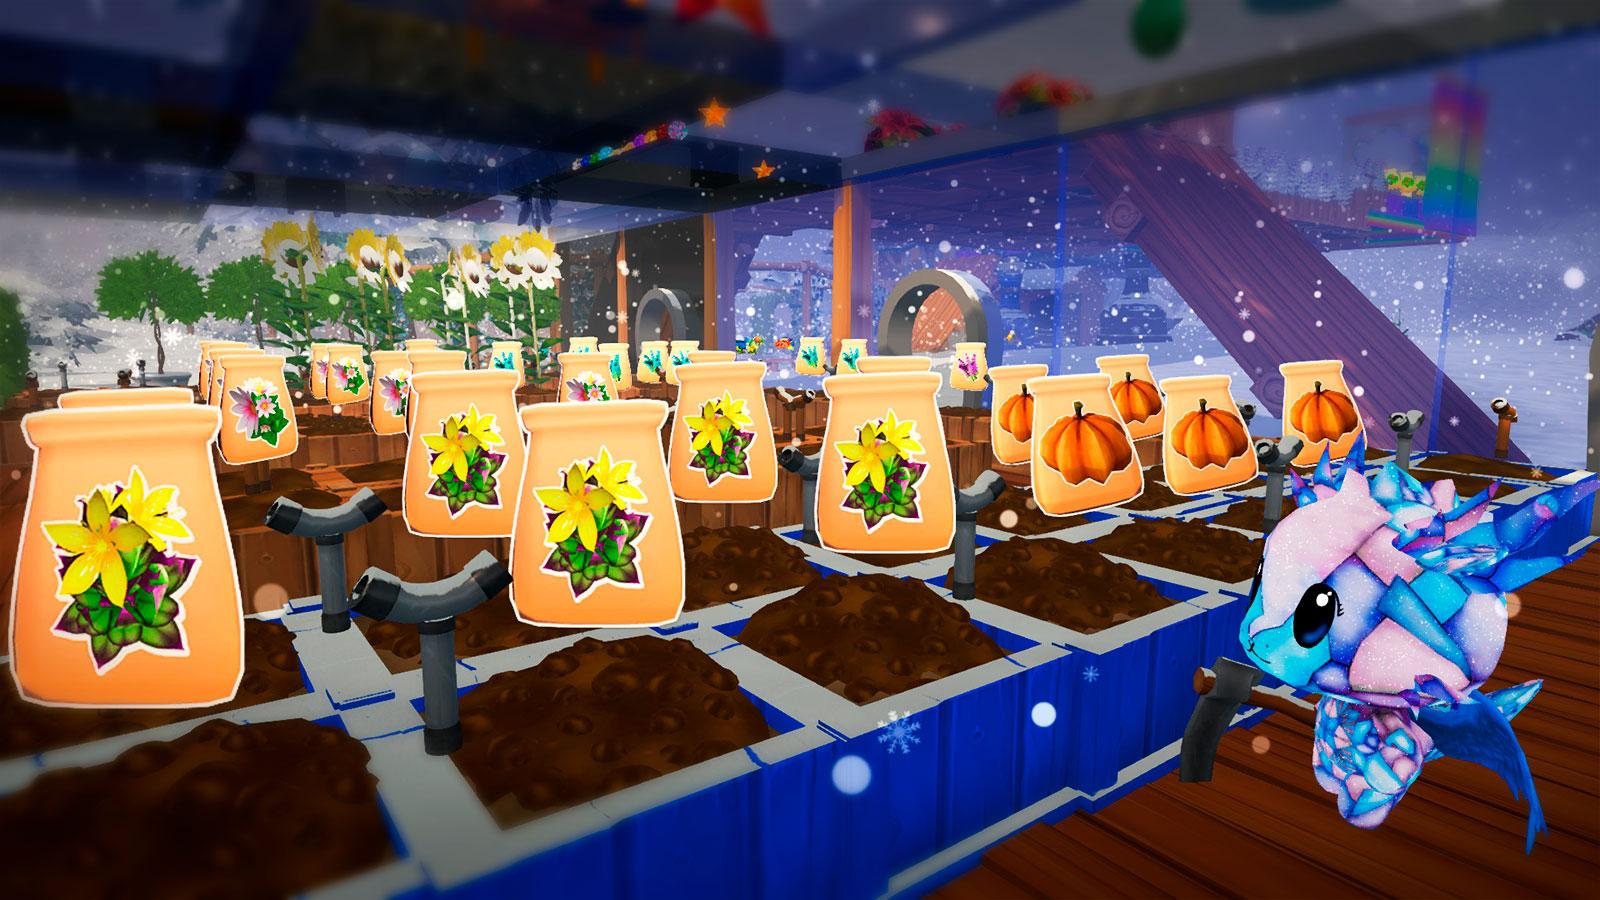 Garden Paws мультяшная 3D ферма